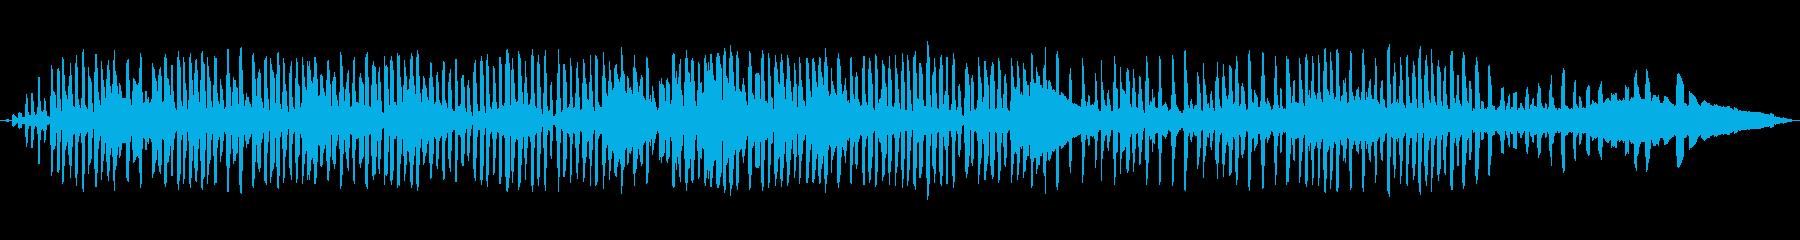 ファンク。融合。伸びています。 U...の再生済みの波形